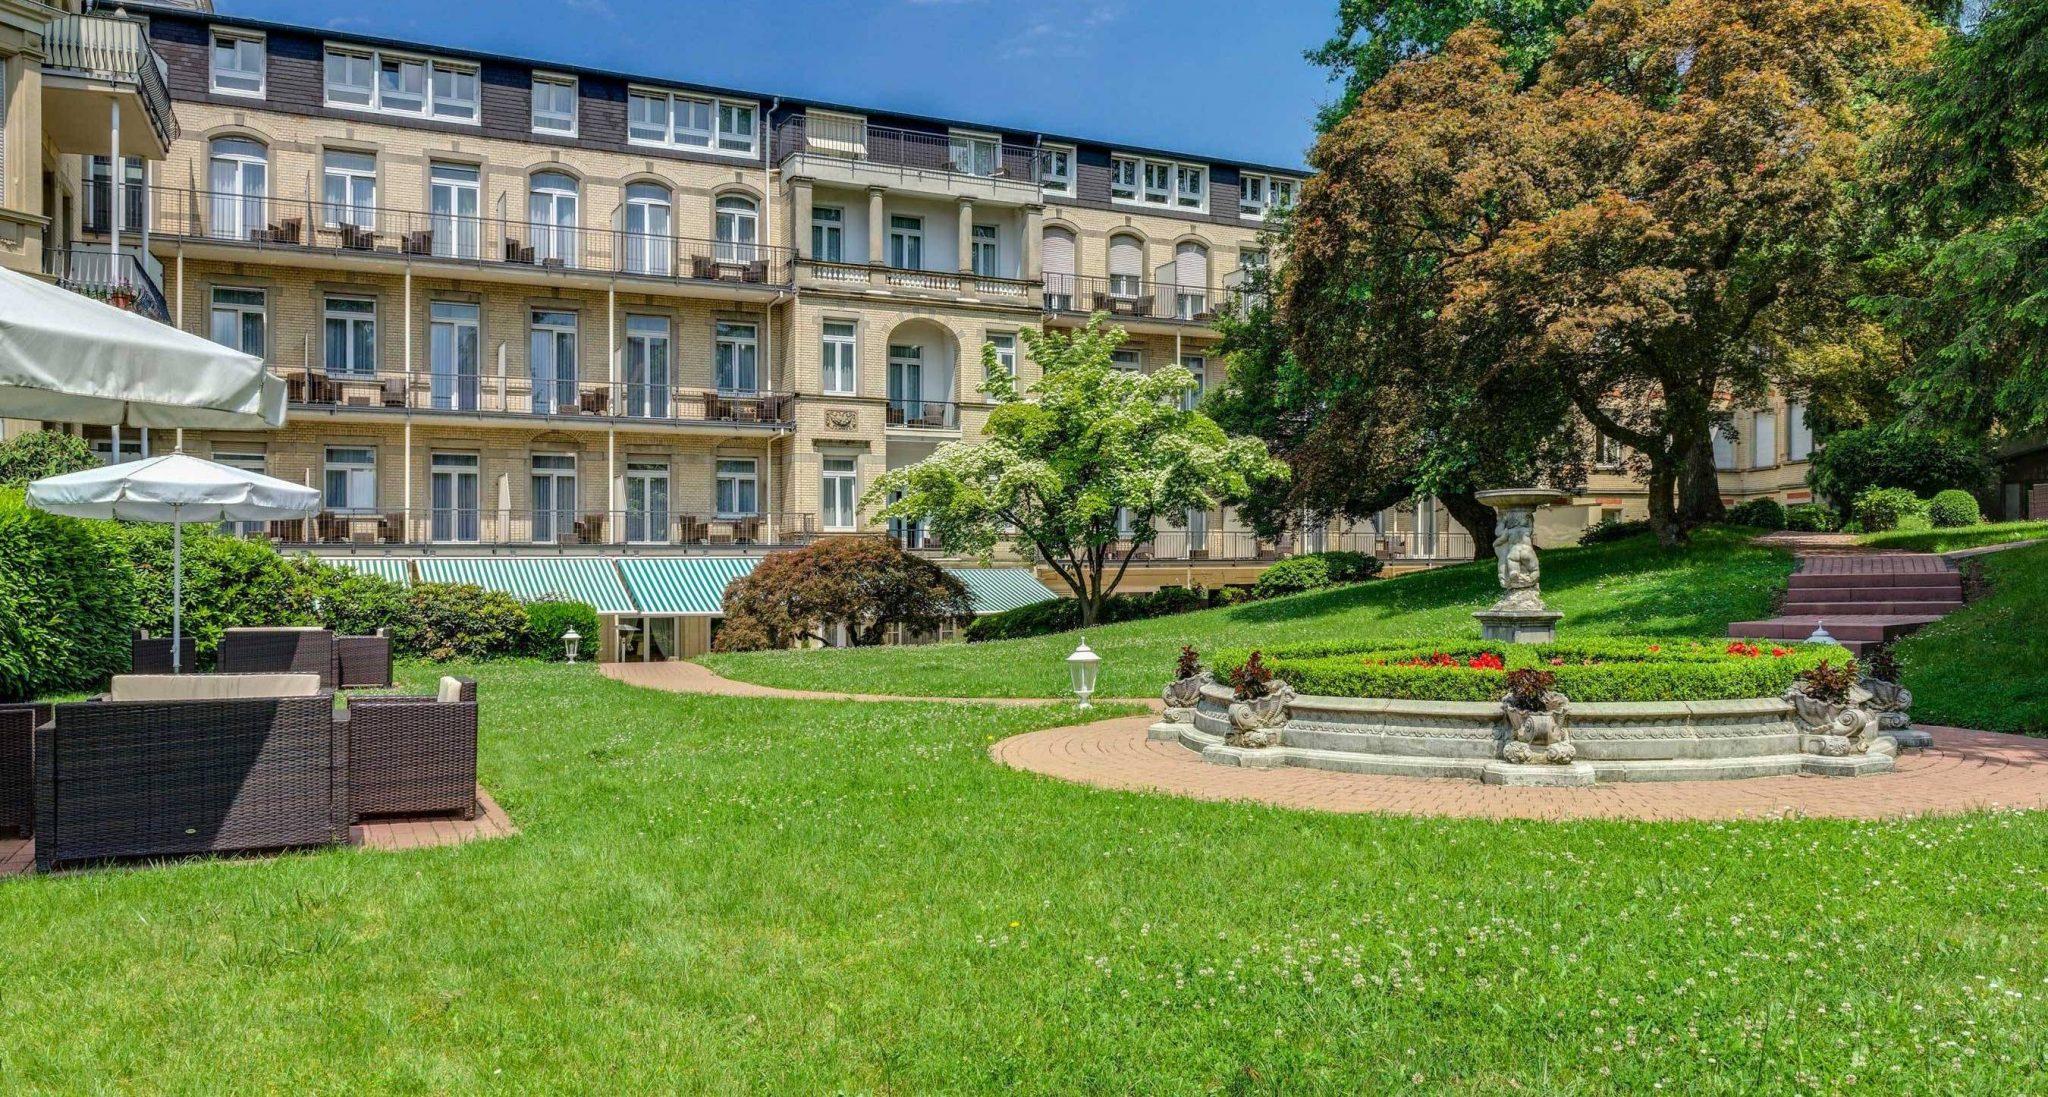 © Hotel am Sophienpark, Baden-Baden